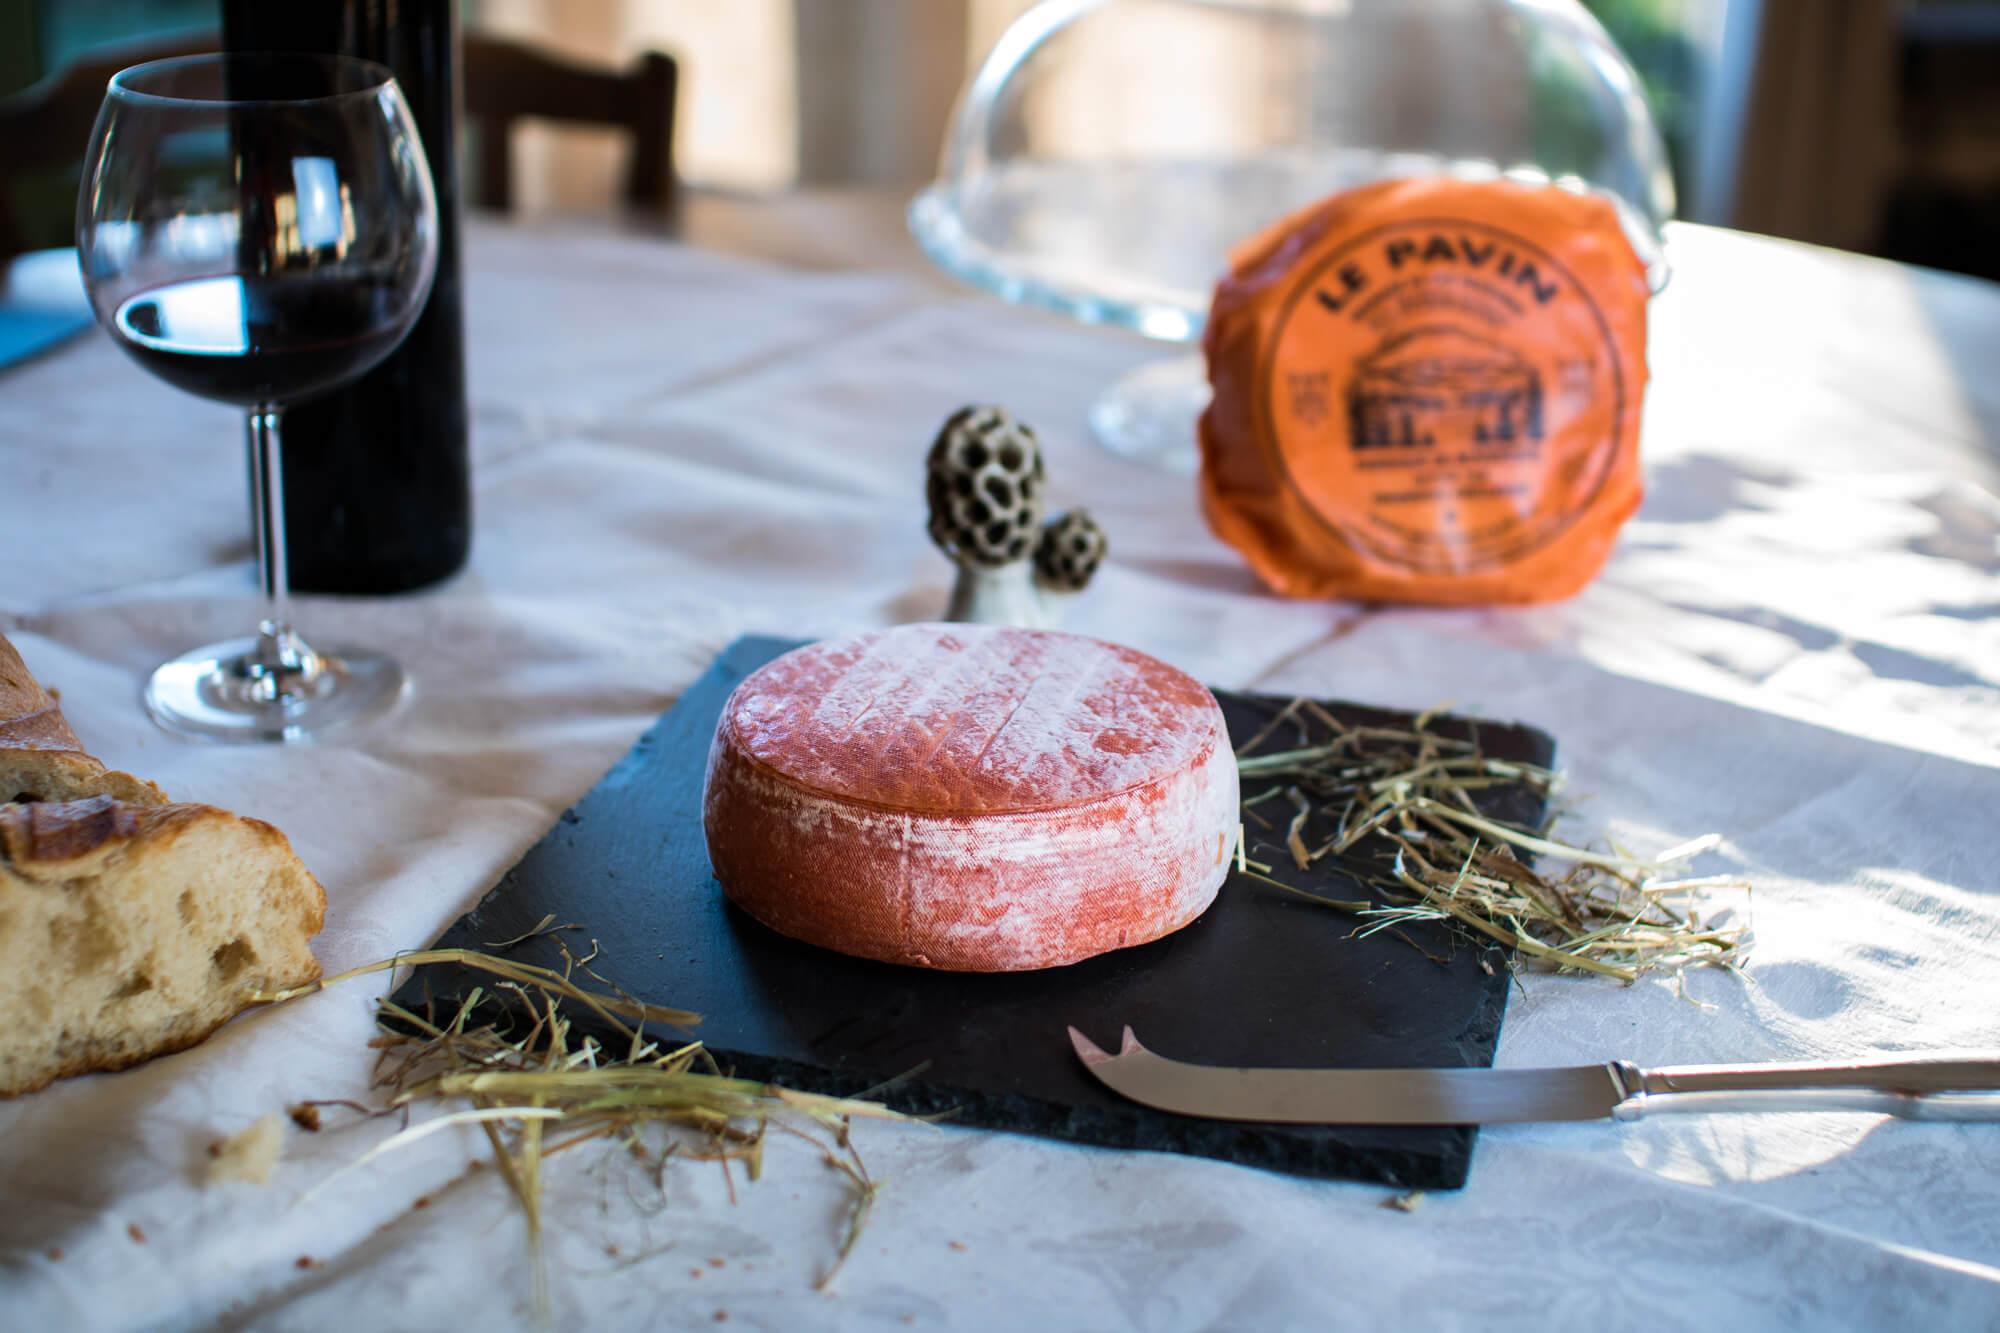 Spécialité de la Maison du Pavin. Fromage d'Auvergne au lait de vache pasteurisé et à la croute orange. Fabriqué par mon grand-père affineur en 1988.